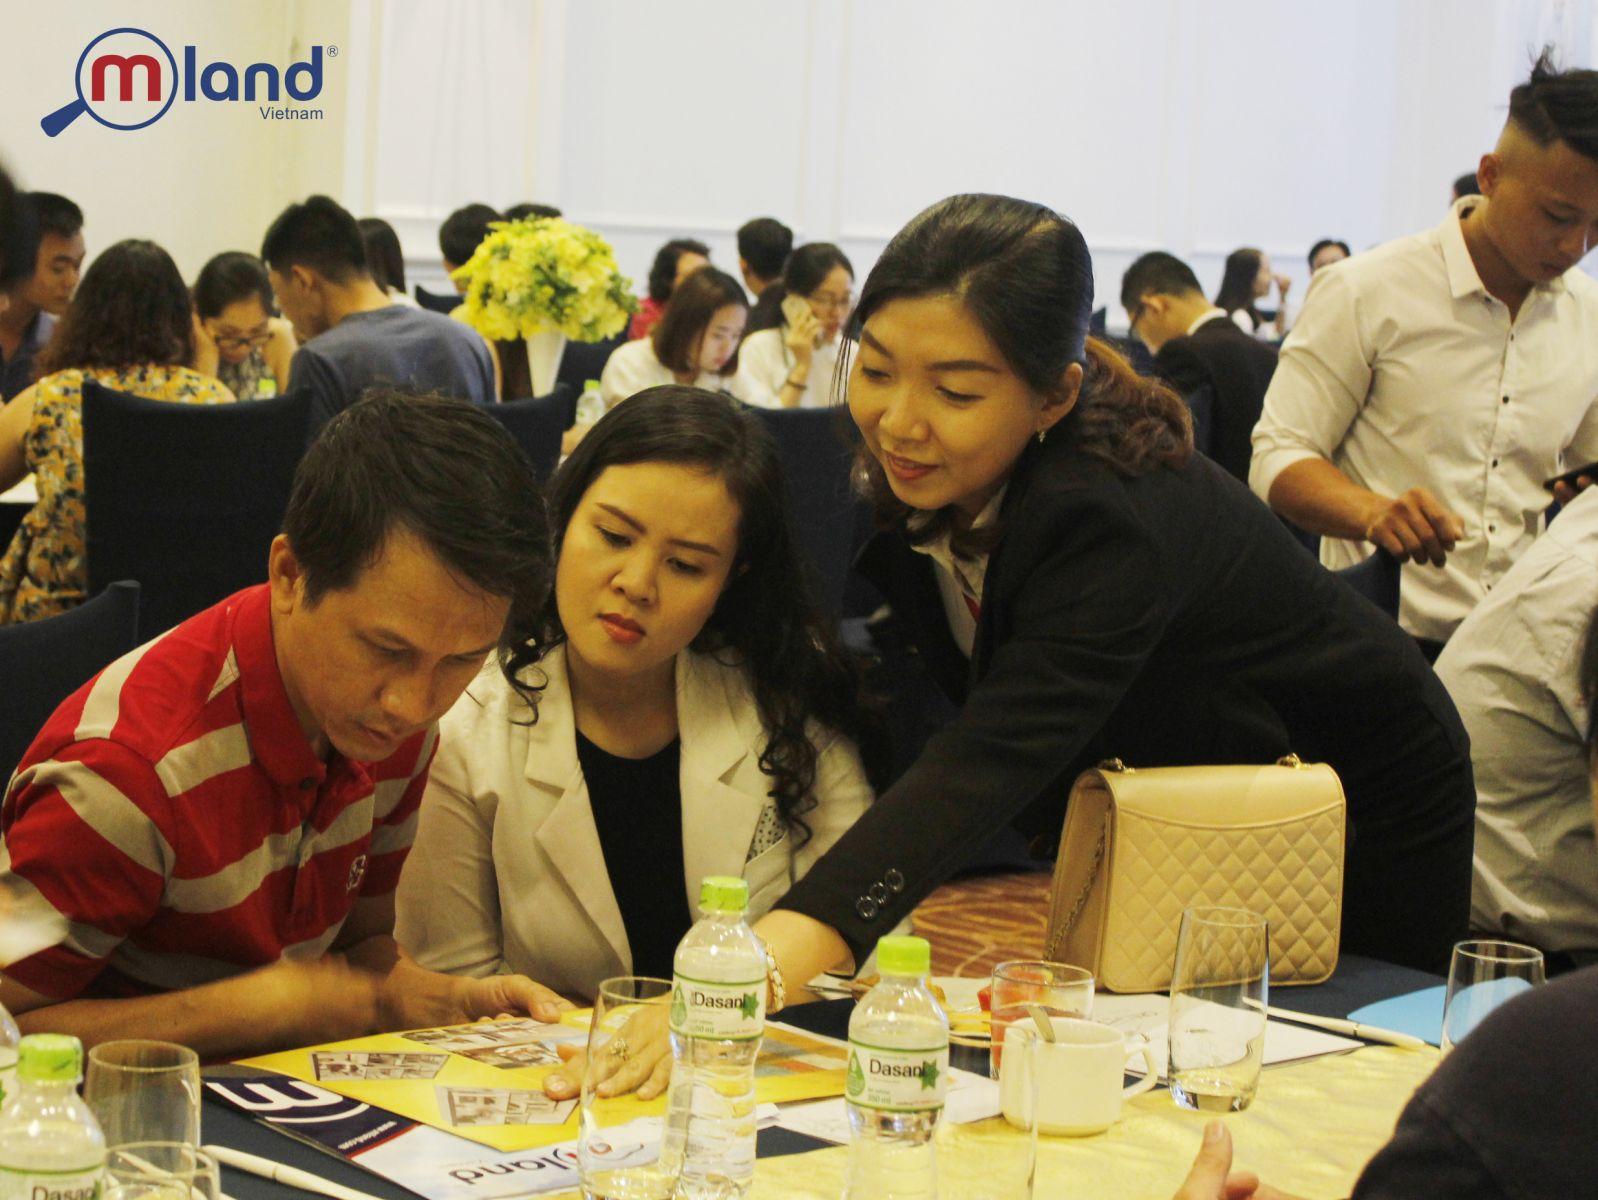 Khan hiếm nguồn cung dự án mới, căn hộ khu Nam Sài Gòn hút nhà đầu tư